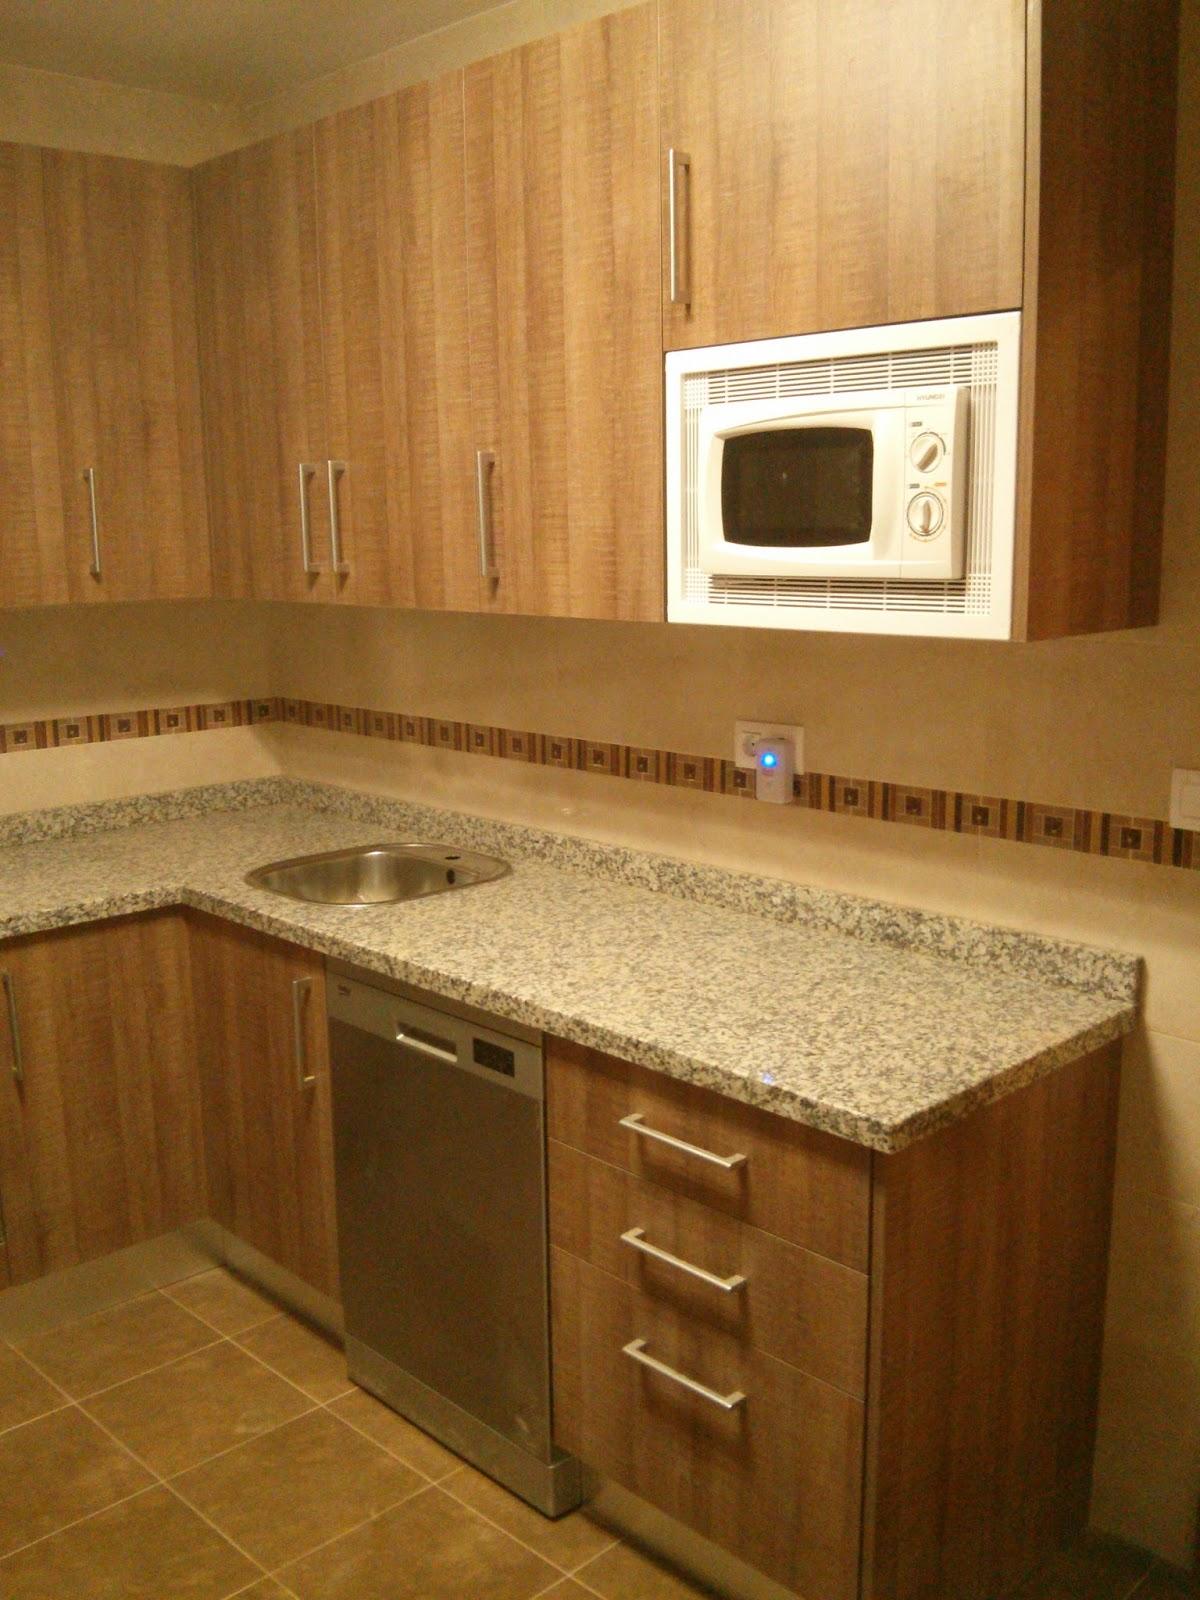 Carpinteria los molinos cocina tahon laminado roble marron - Cocinas color roble ...